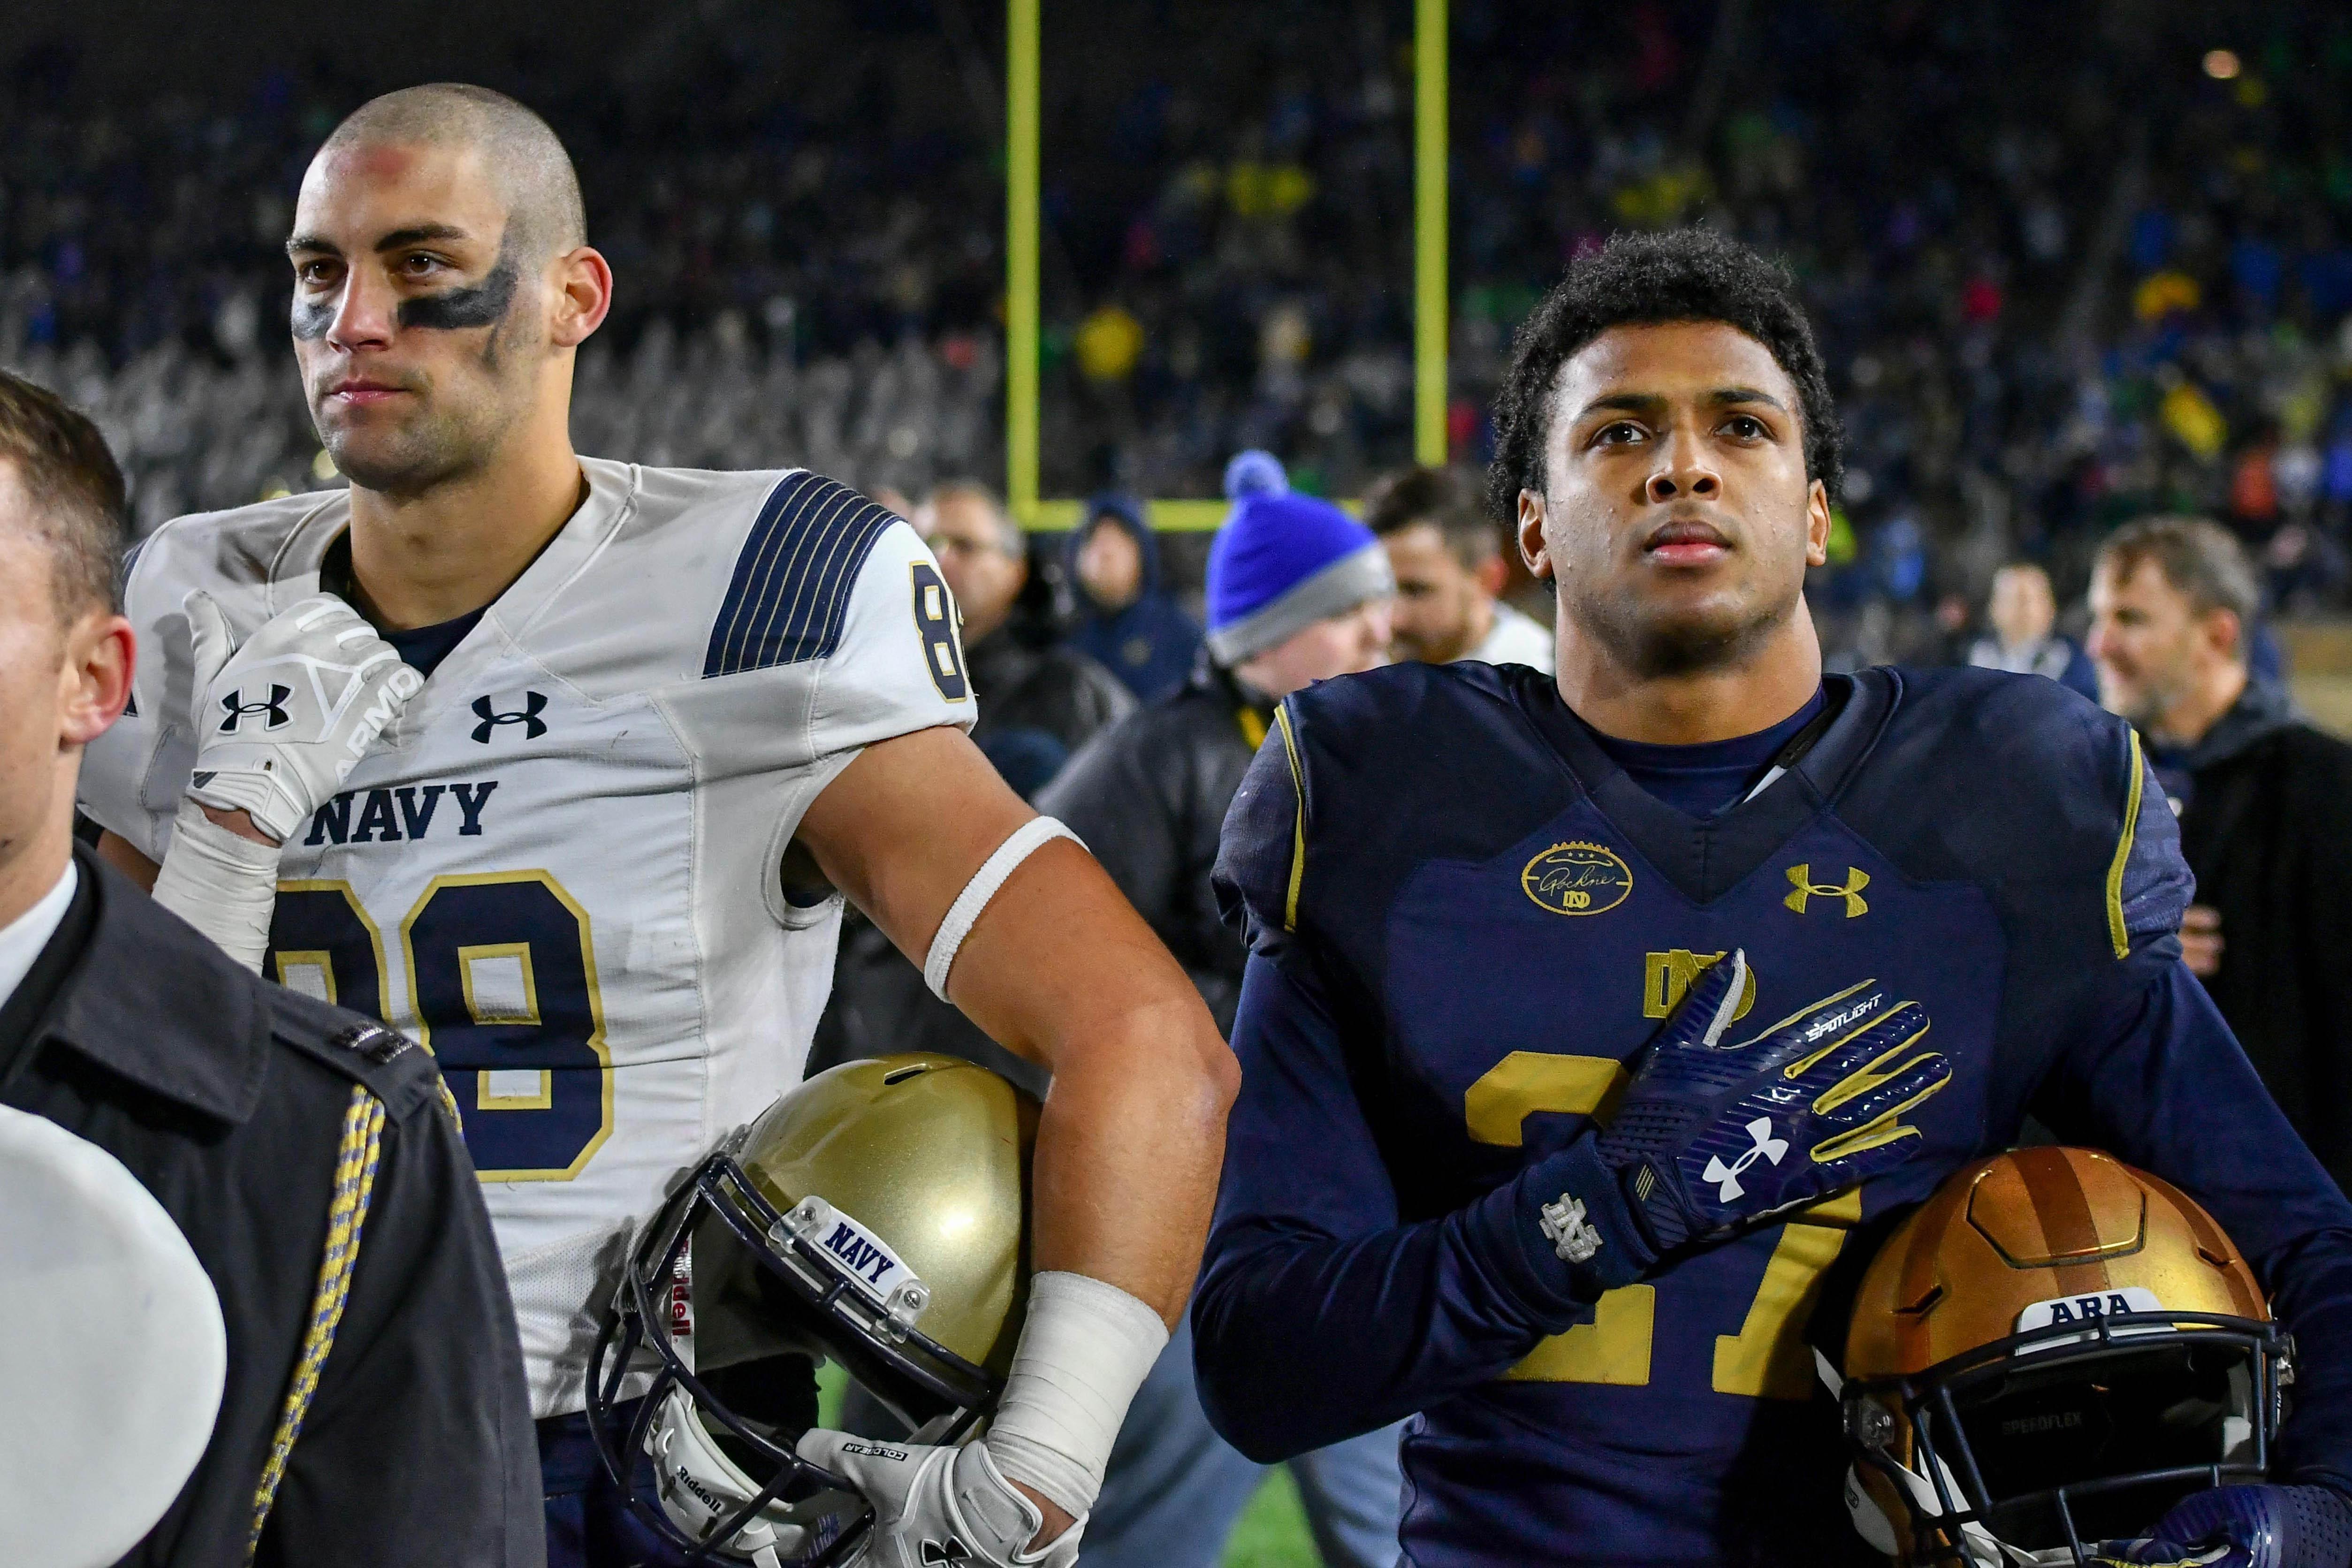 NCAA Football: Navy at Notre Dame